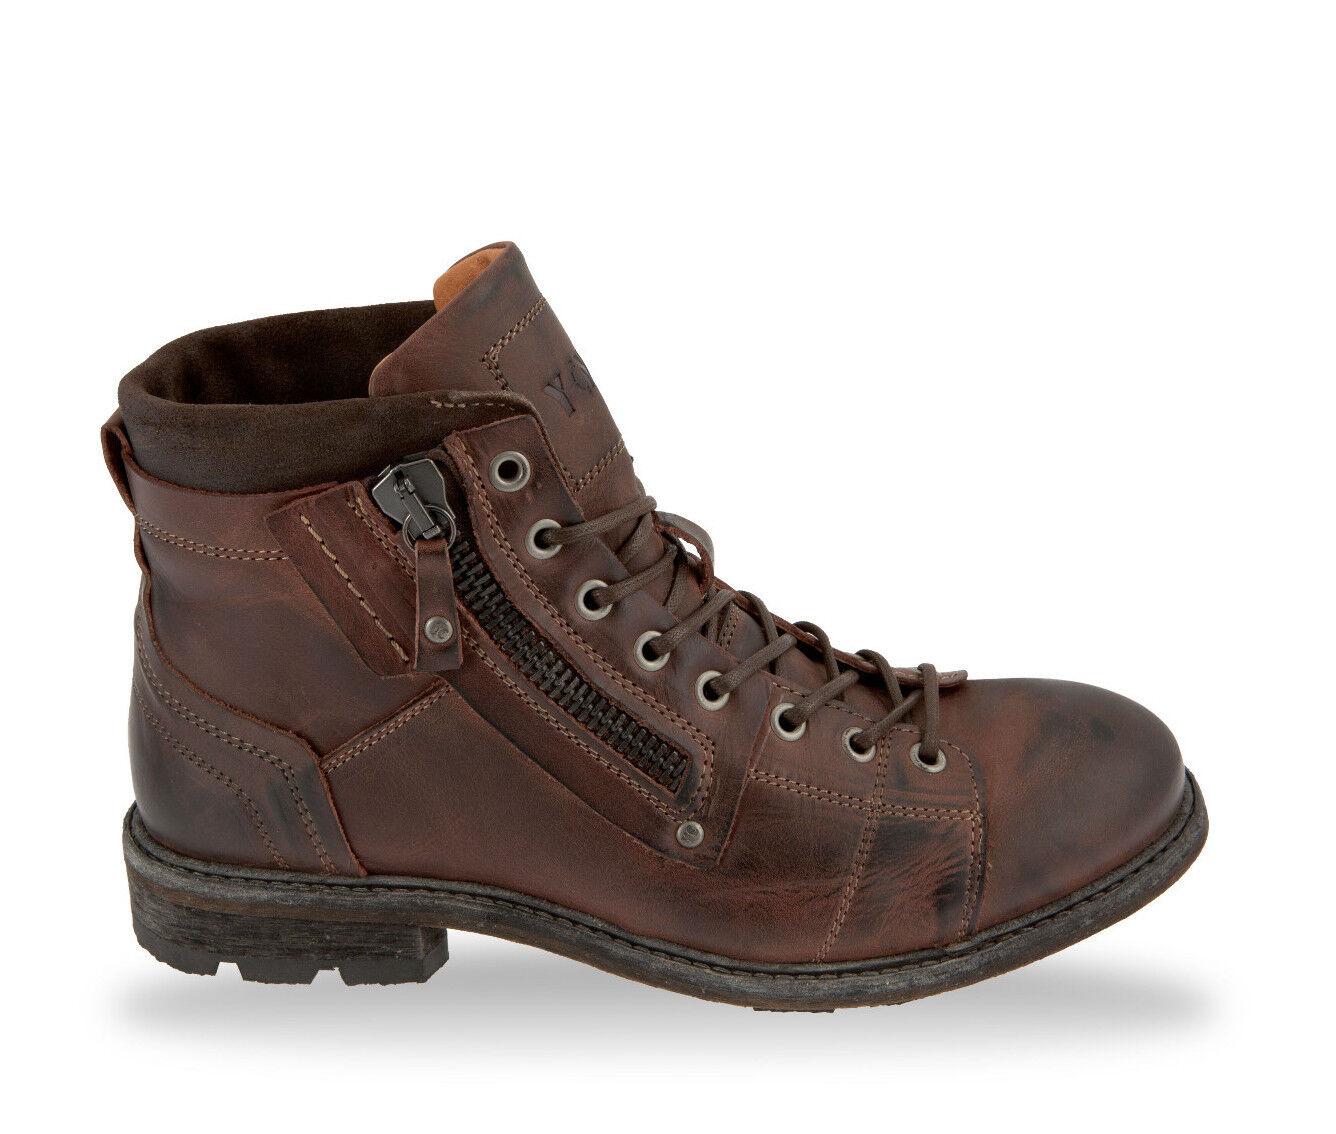 amarillo Cab zapatos caballero zapatos schnürzapatos botas Engine y15300 dark marrón